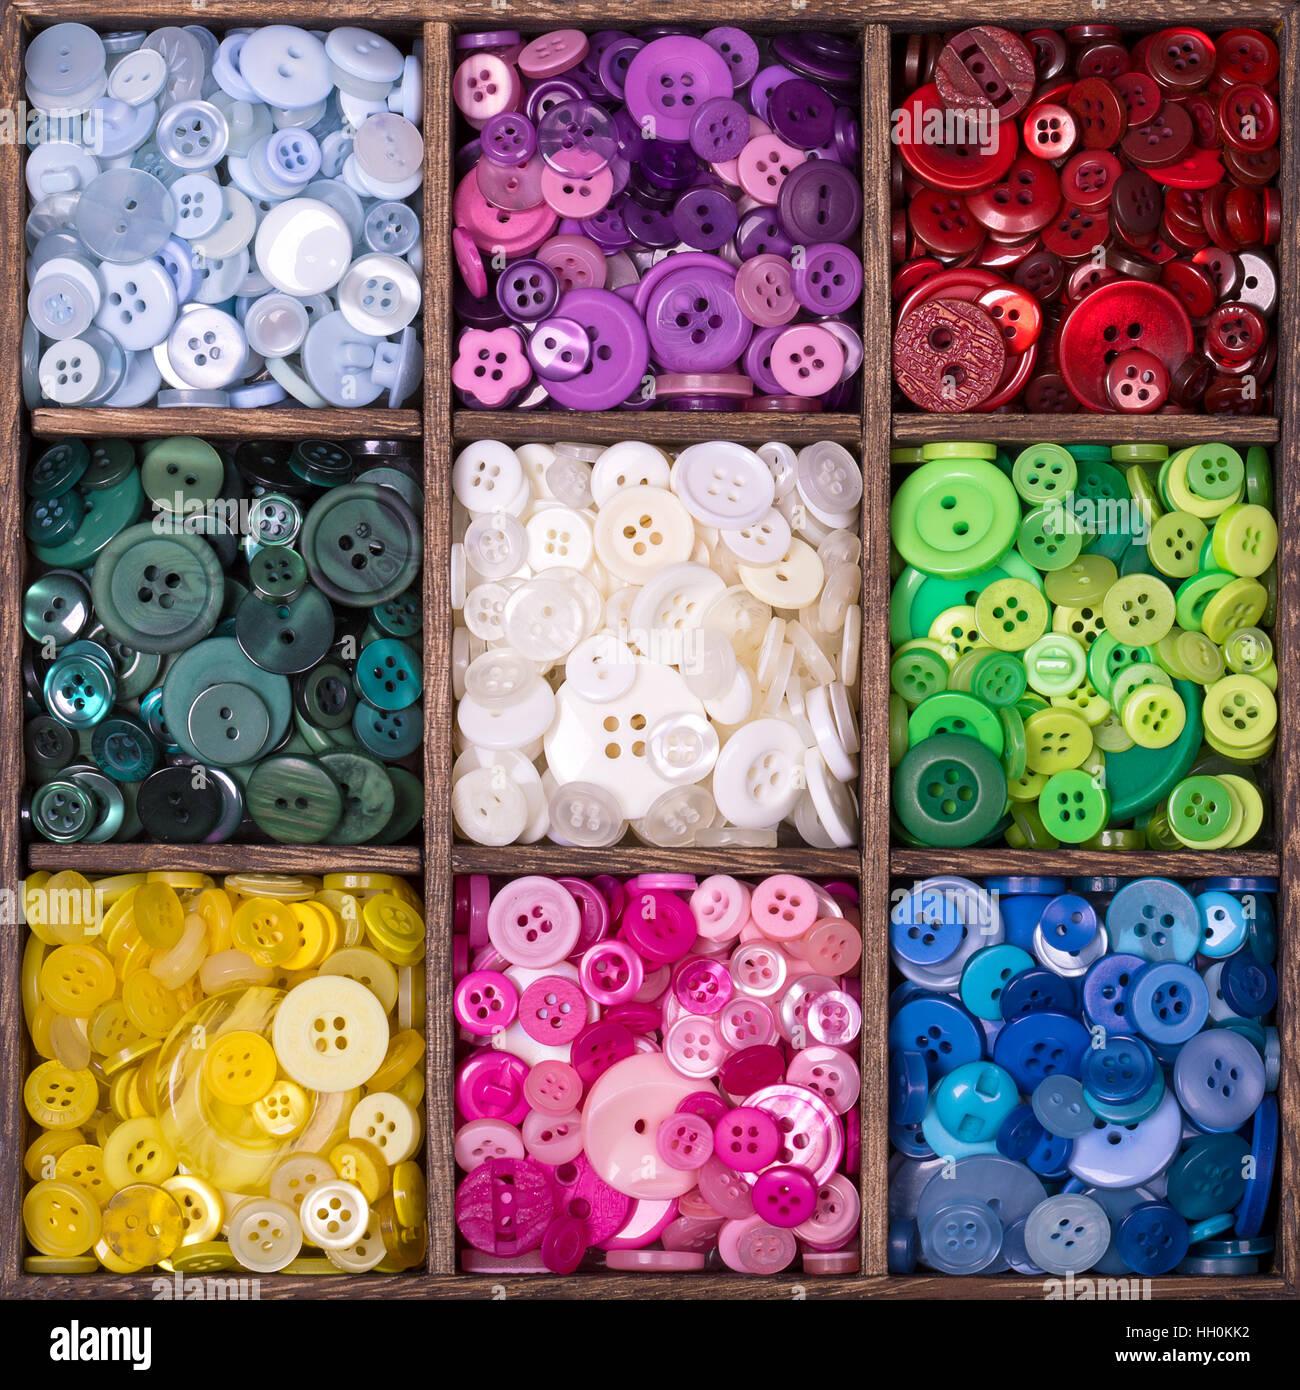 Boîte de rangement en bois carré avec 9 compartiments, rempli d'une sélection de boutons colorés regroupés par couleur. Banque D'Images